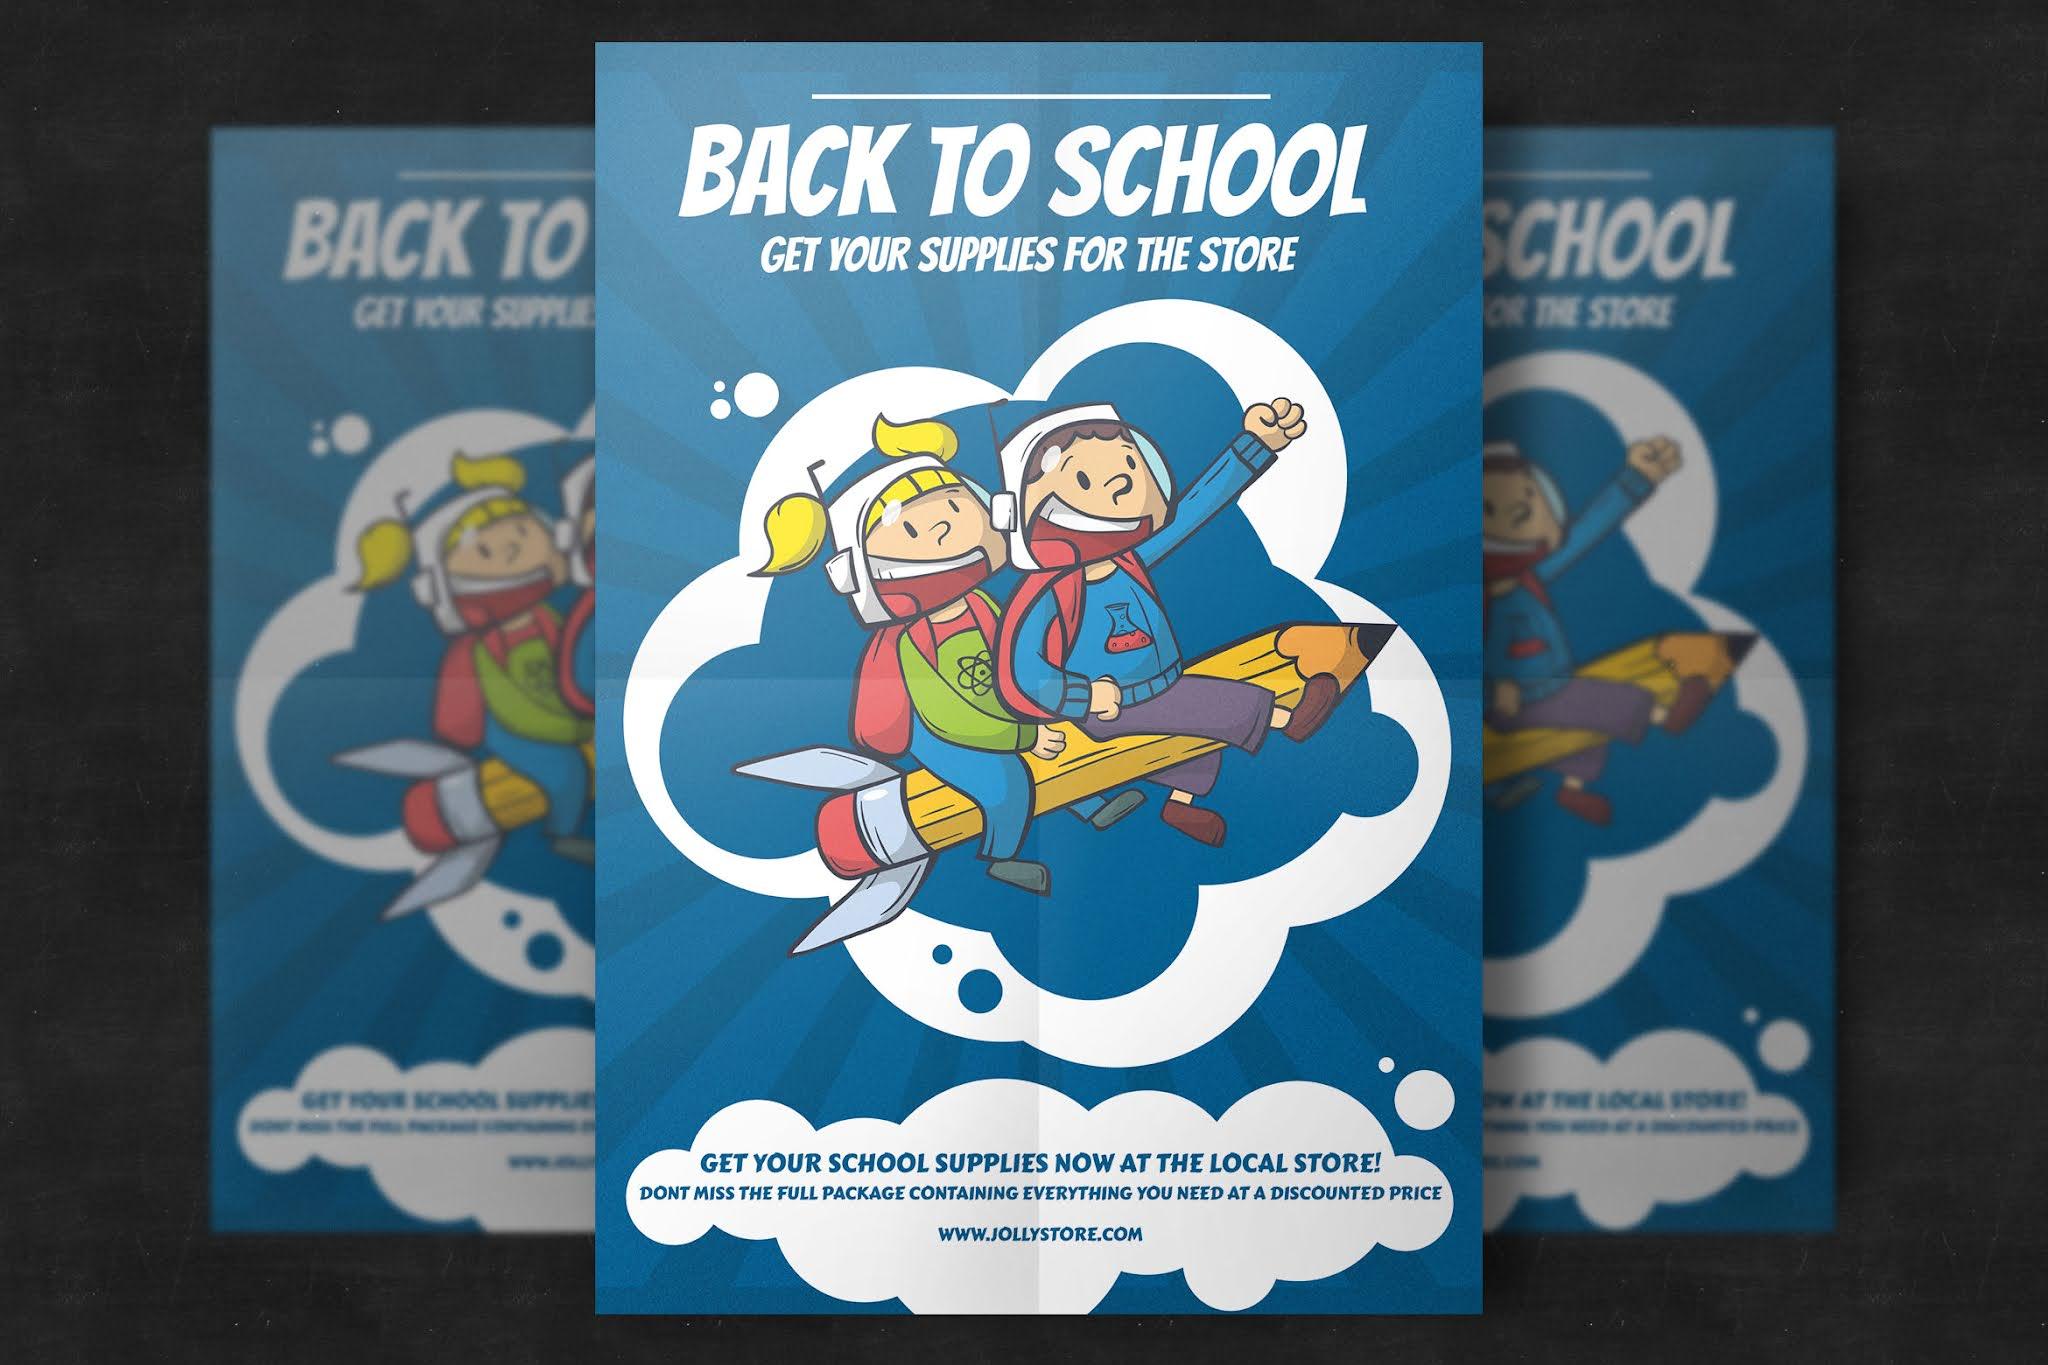 تحميل غلاف كتاب ومذكرة للمدارس PSD يصلح فلاير بوستر اللون الازرق الخلاب